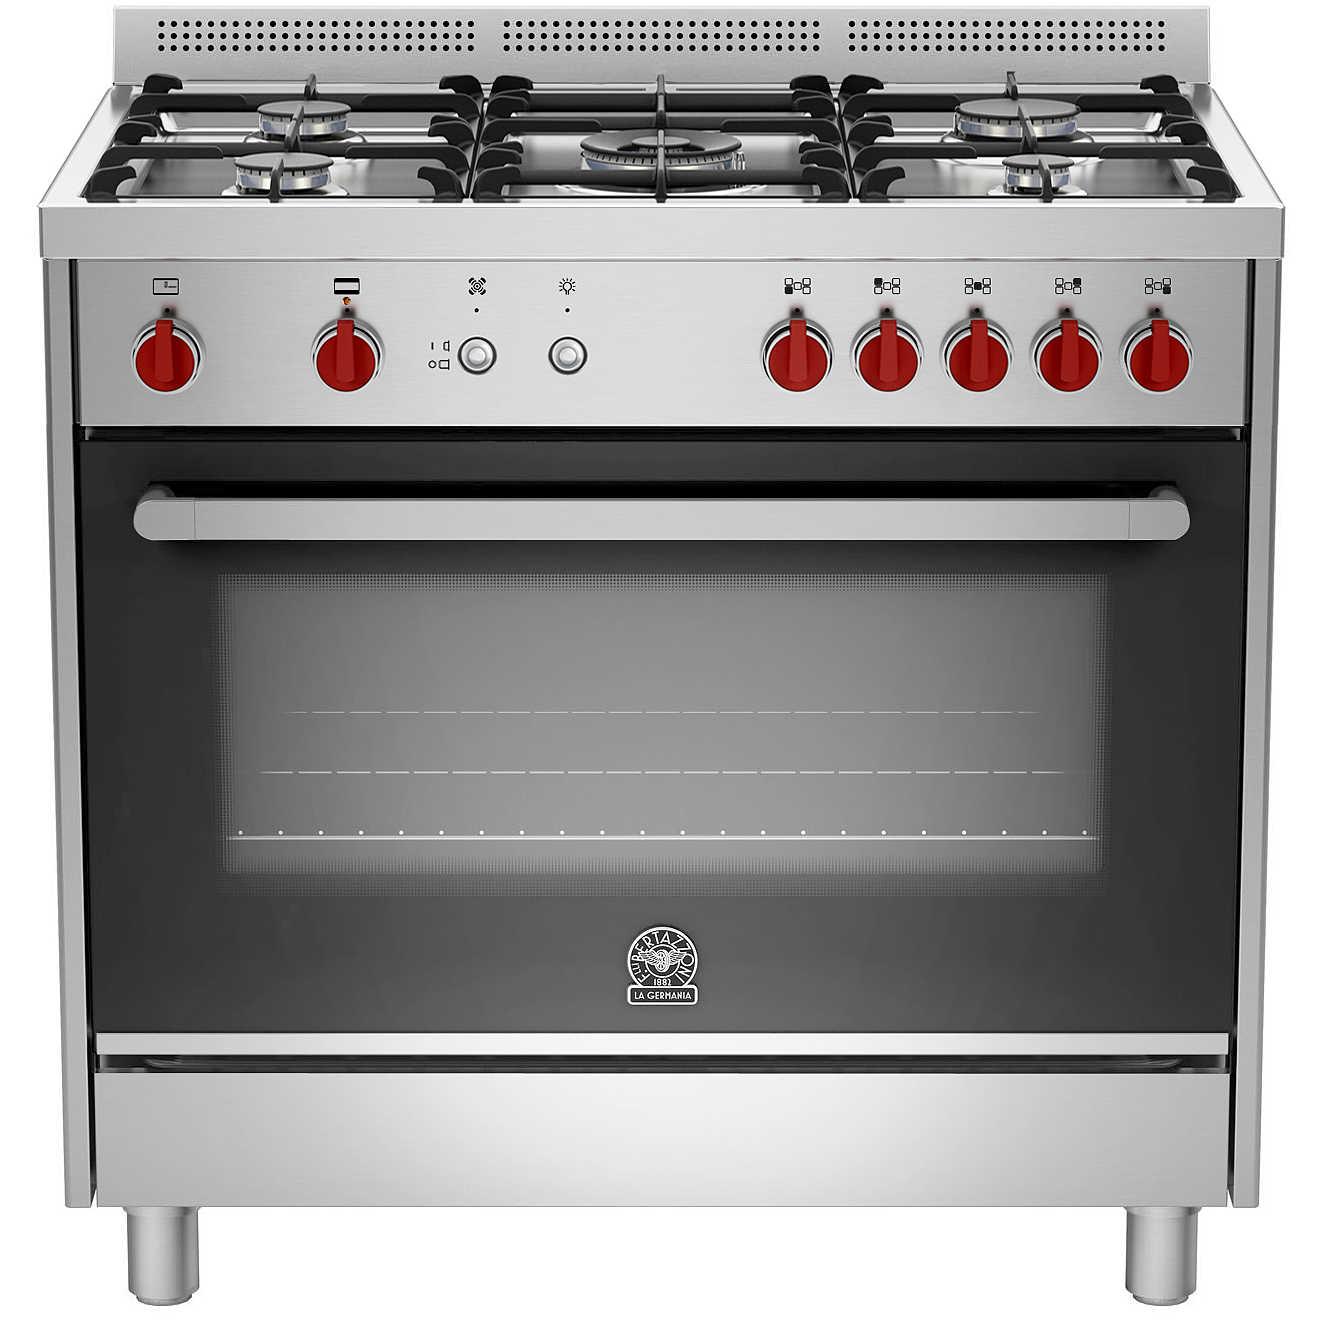 La germania prm905gevsxc cucina 90x60 5 fuochi a gas forno - La germania cucina ...